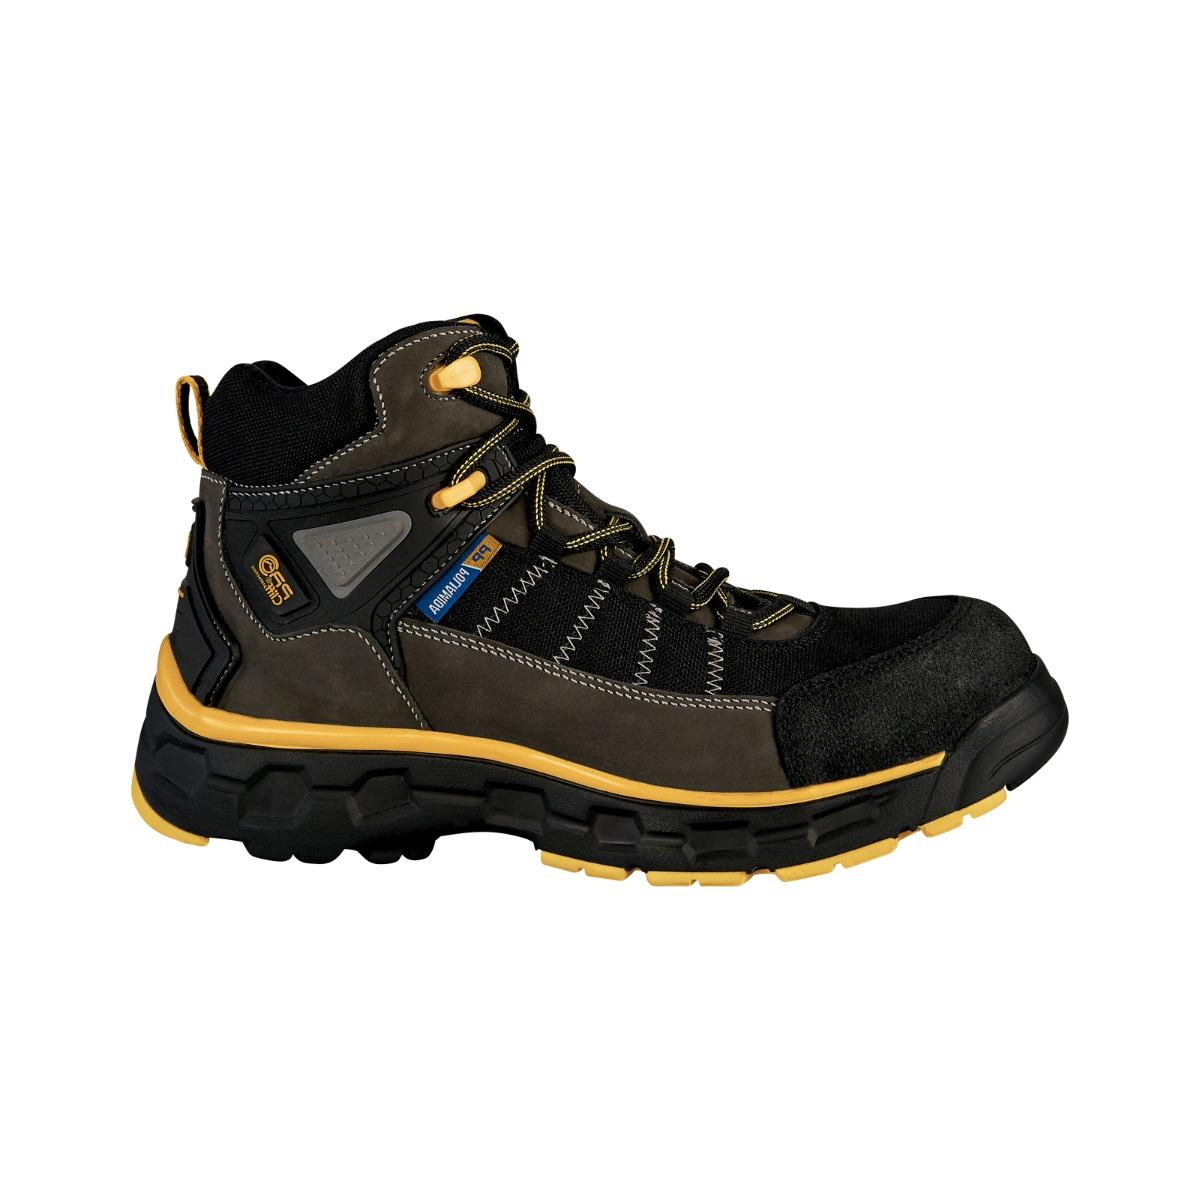 Zapatos Seguridad Cliff Piel Industriales Trabajo Casquillo AqR0dpHw